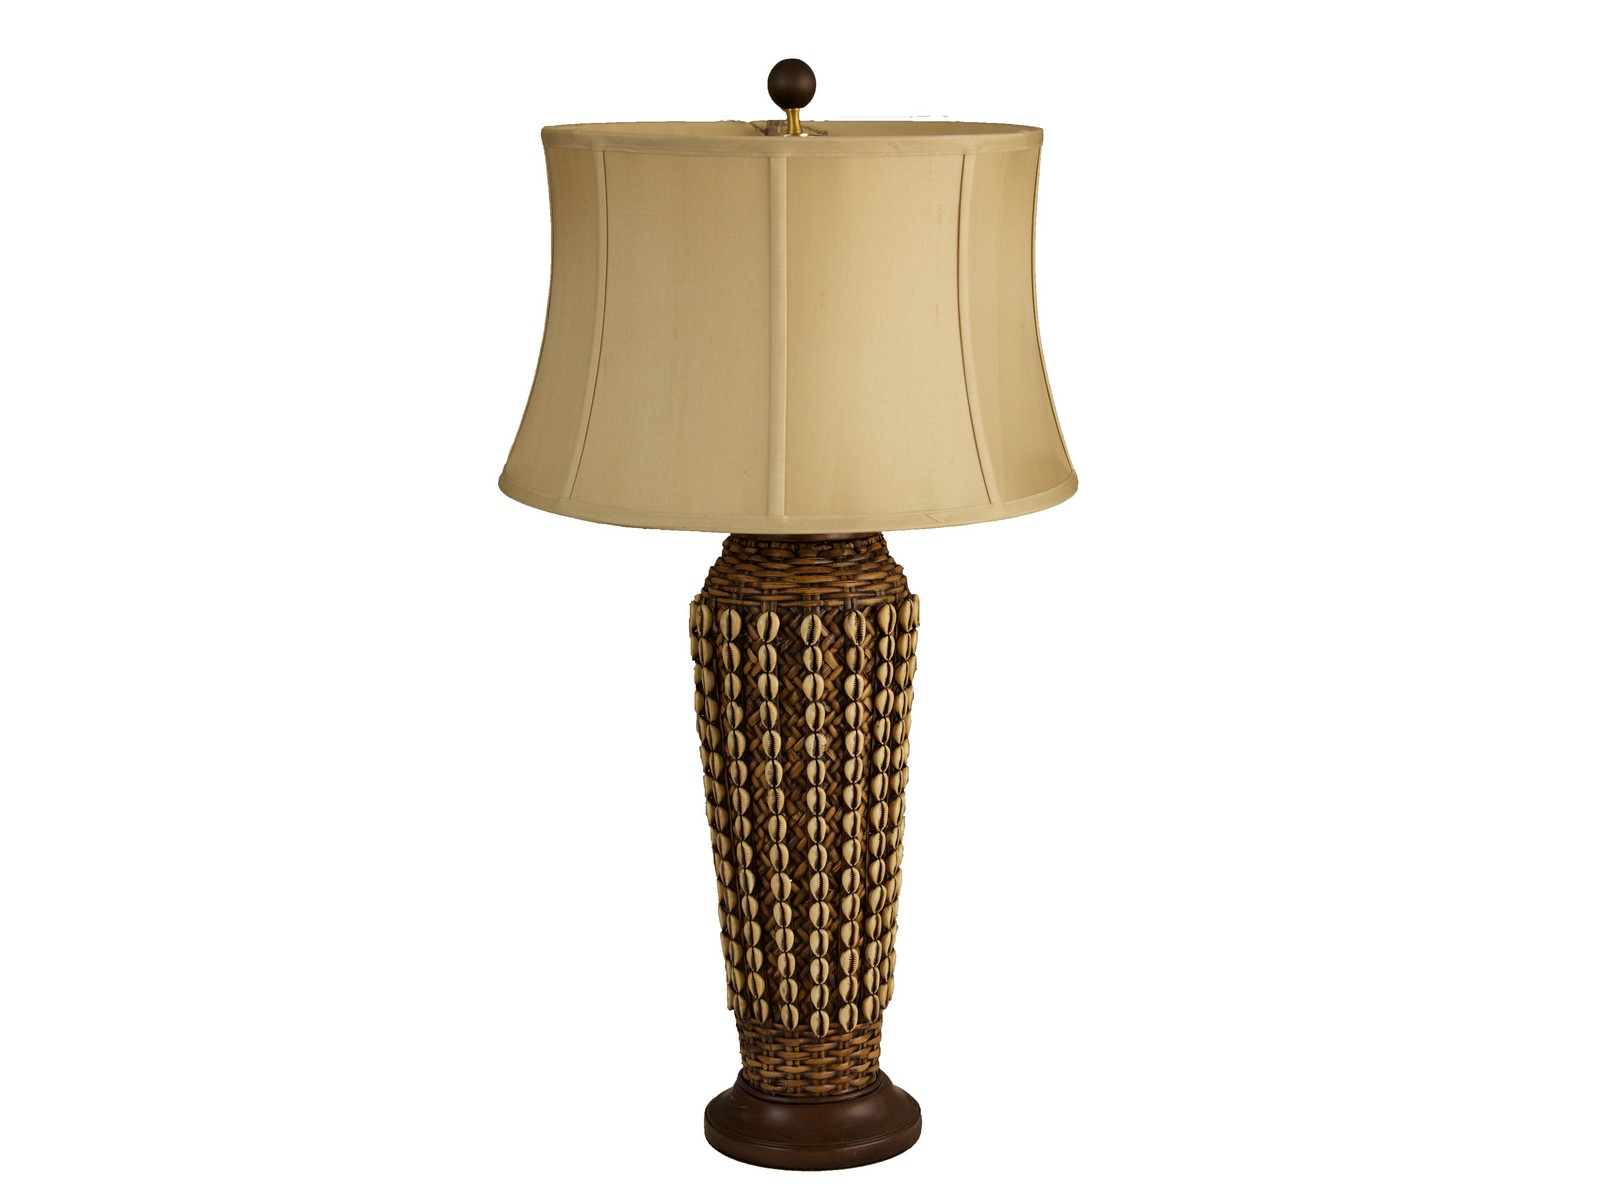 Настольная лампа Segay TowerДекоративные лампы<br>&amp;lt;div&amp;gt;Вид цоколя: Е27&amp;lt;/div&amp;gt;&amp;lt;div&amp;gt;Мощность лампы: 60W&amp;lt;/div&amp;gt;&amp;lt;div&amp;gt;Количество ламп: 1&amp;lt;/div&amp;gt;&amp;lt;div&amp;gt;Наличие ламп: нет&amp;lt;/div&amp;gt;<br><br>Material: Дерево<br>Height см: 86<br>Diameter см: 46